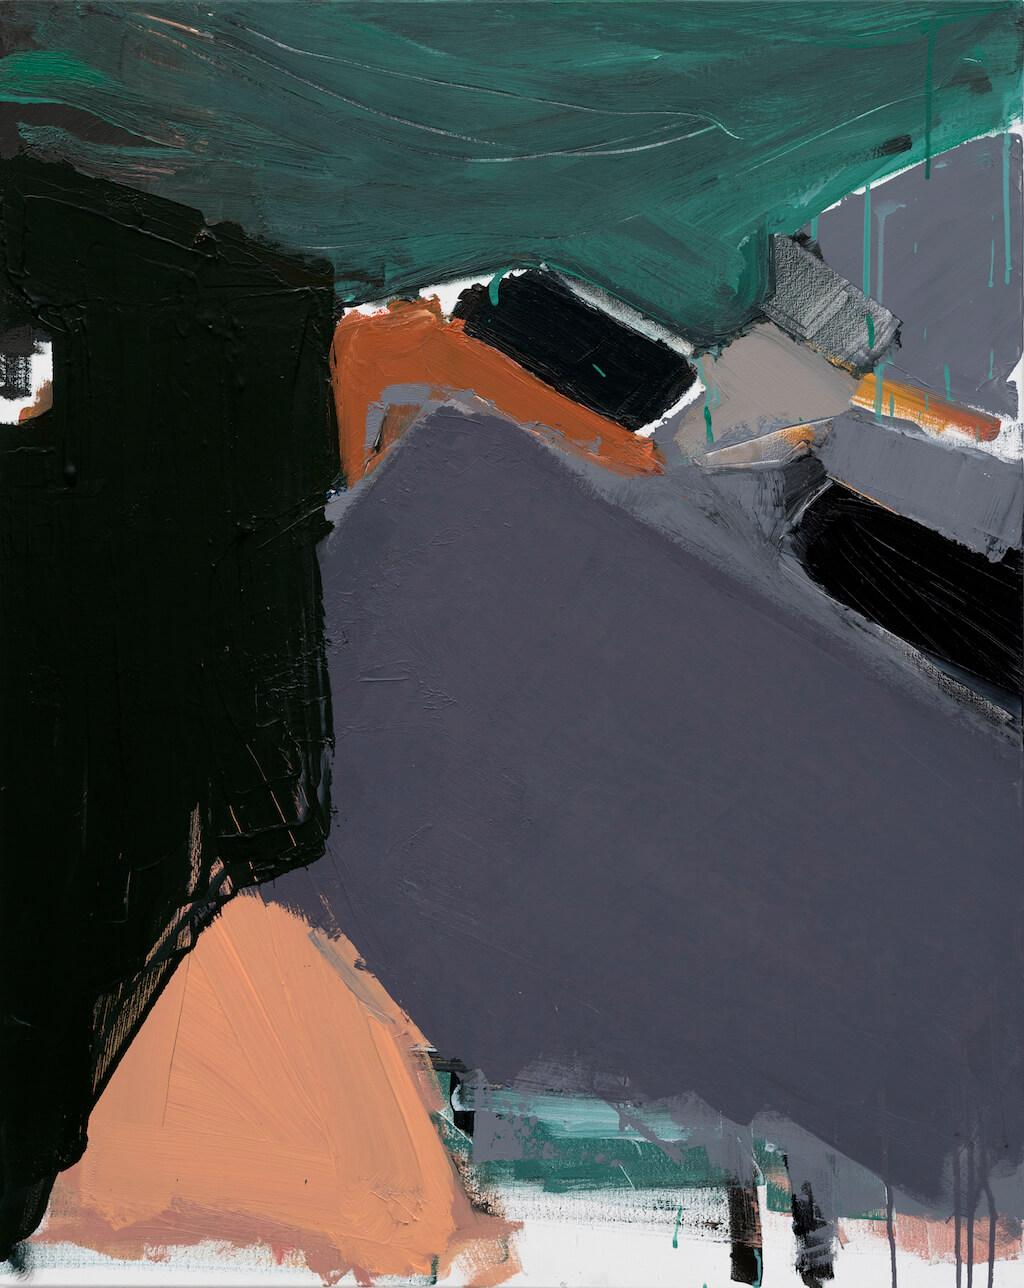 ESTA NA MINIATURA - sem titulo - 2016 - acrílica sobre tela - 100x80cm